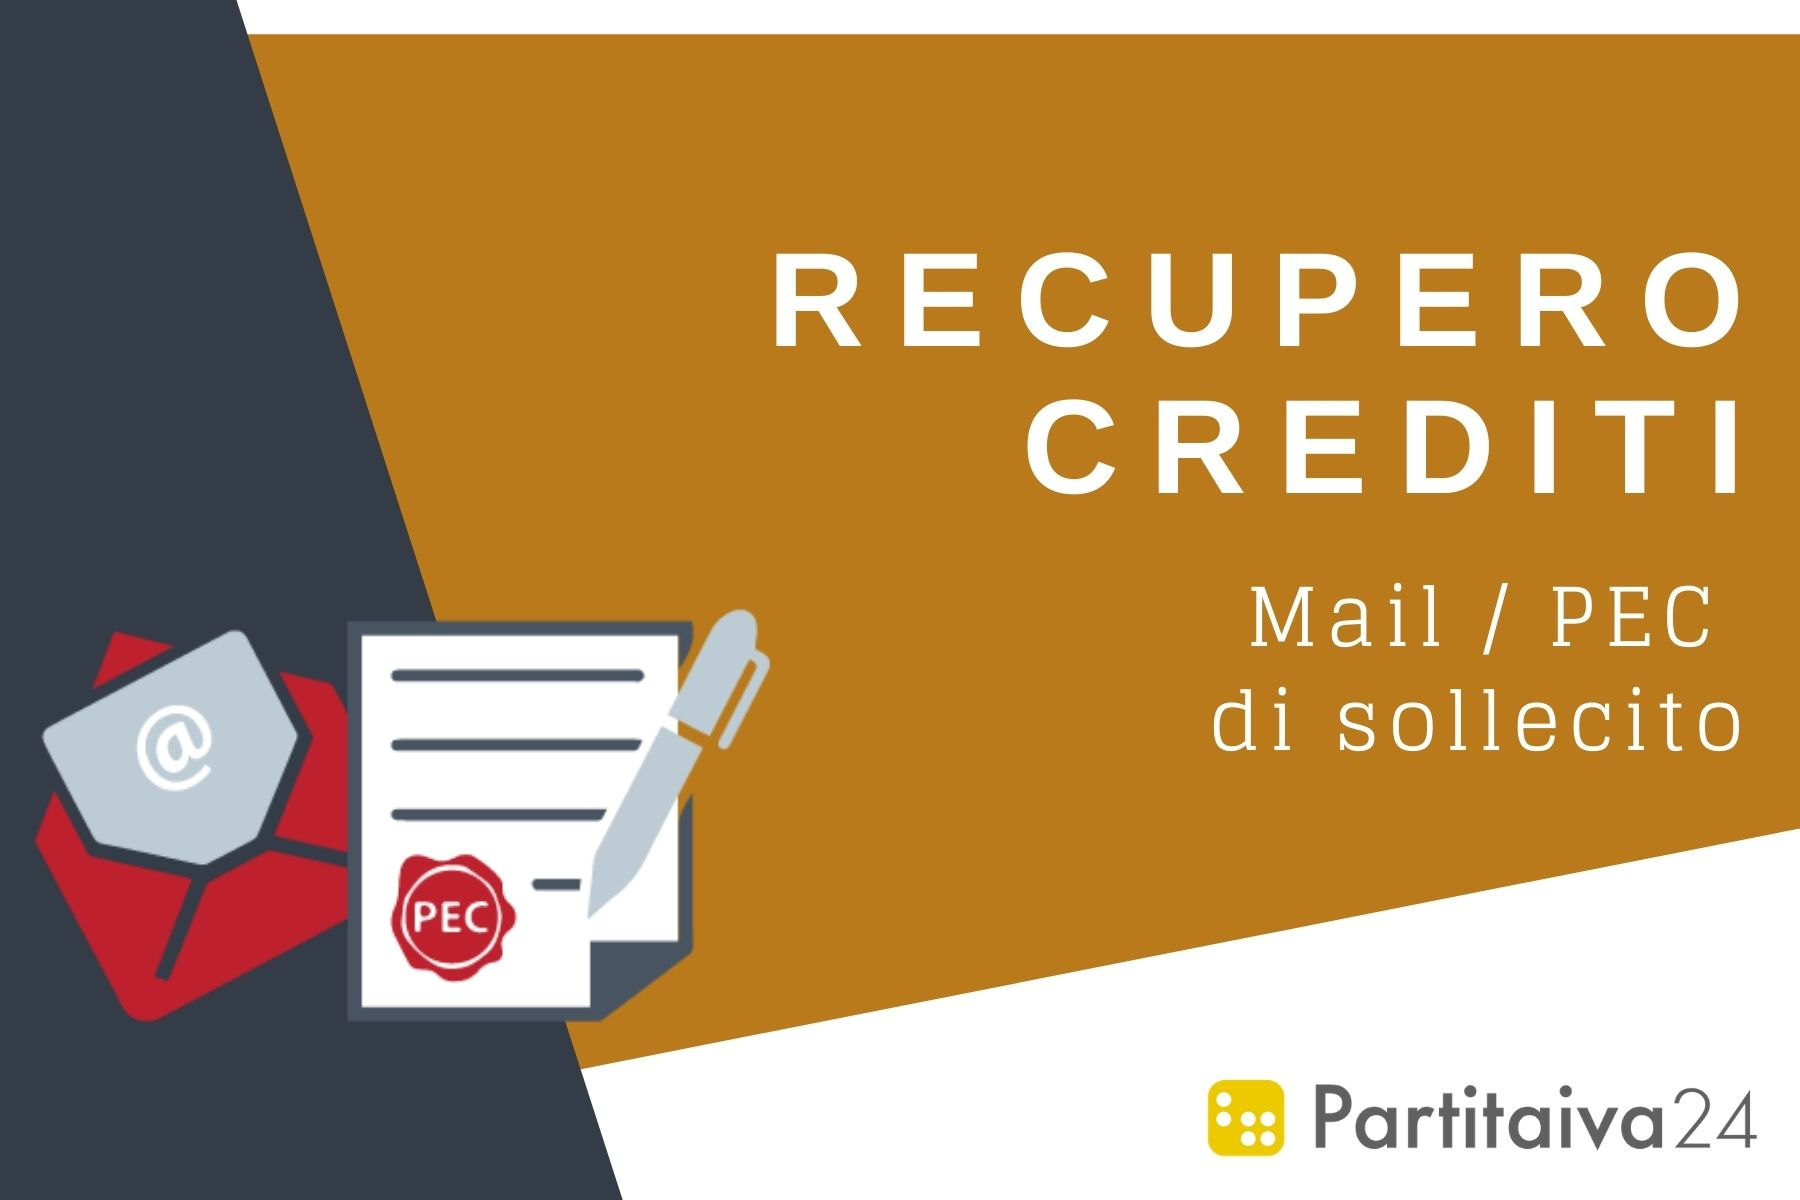 Recupero crediti online - pec e mail di sollecito